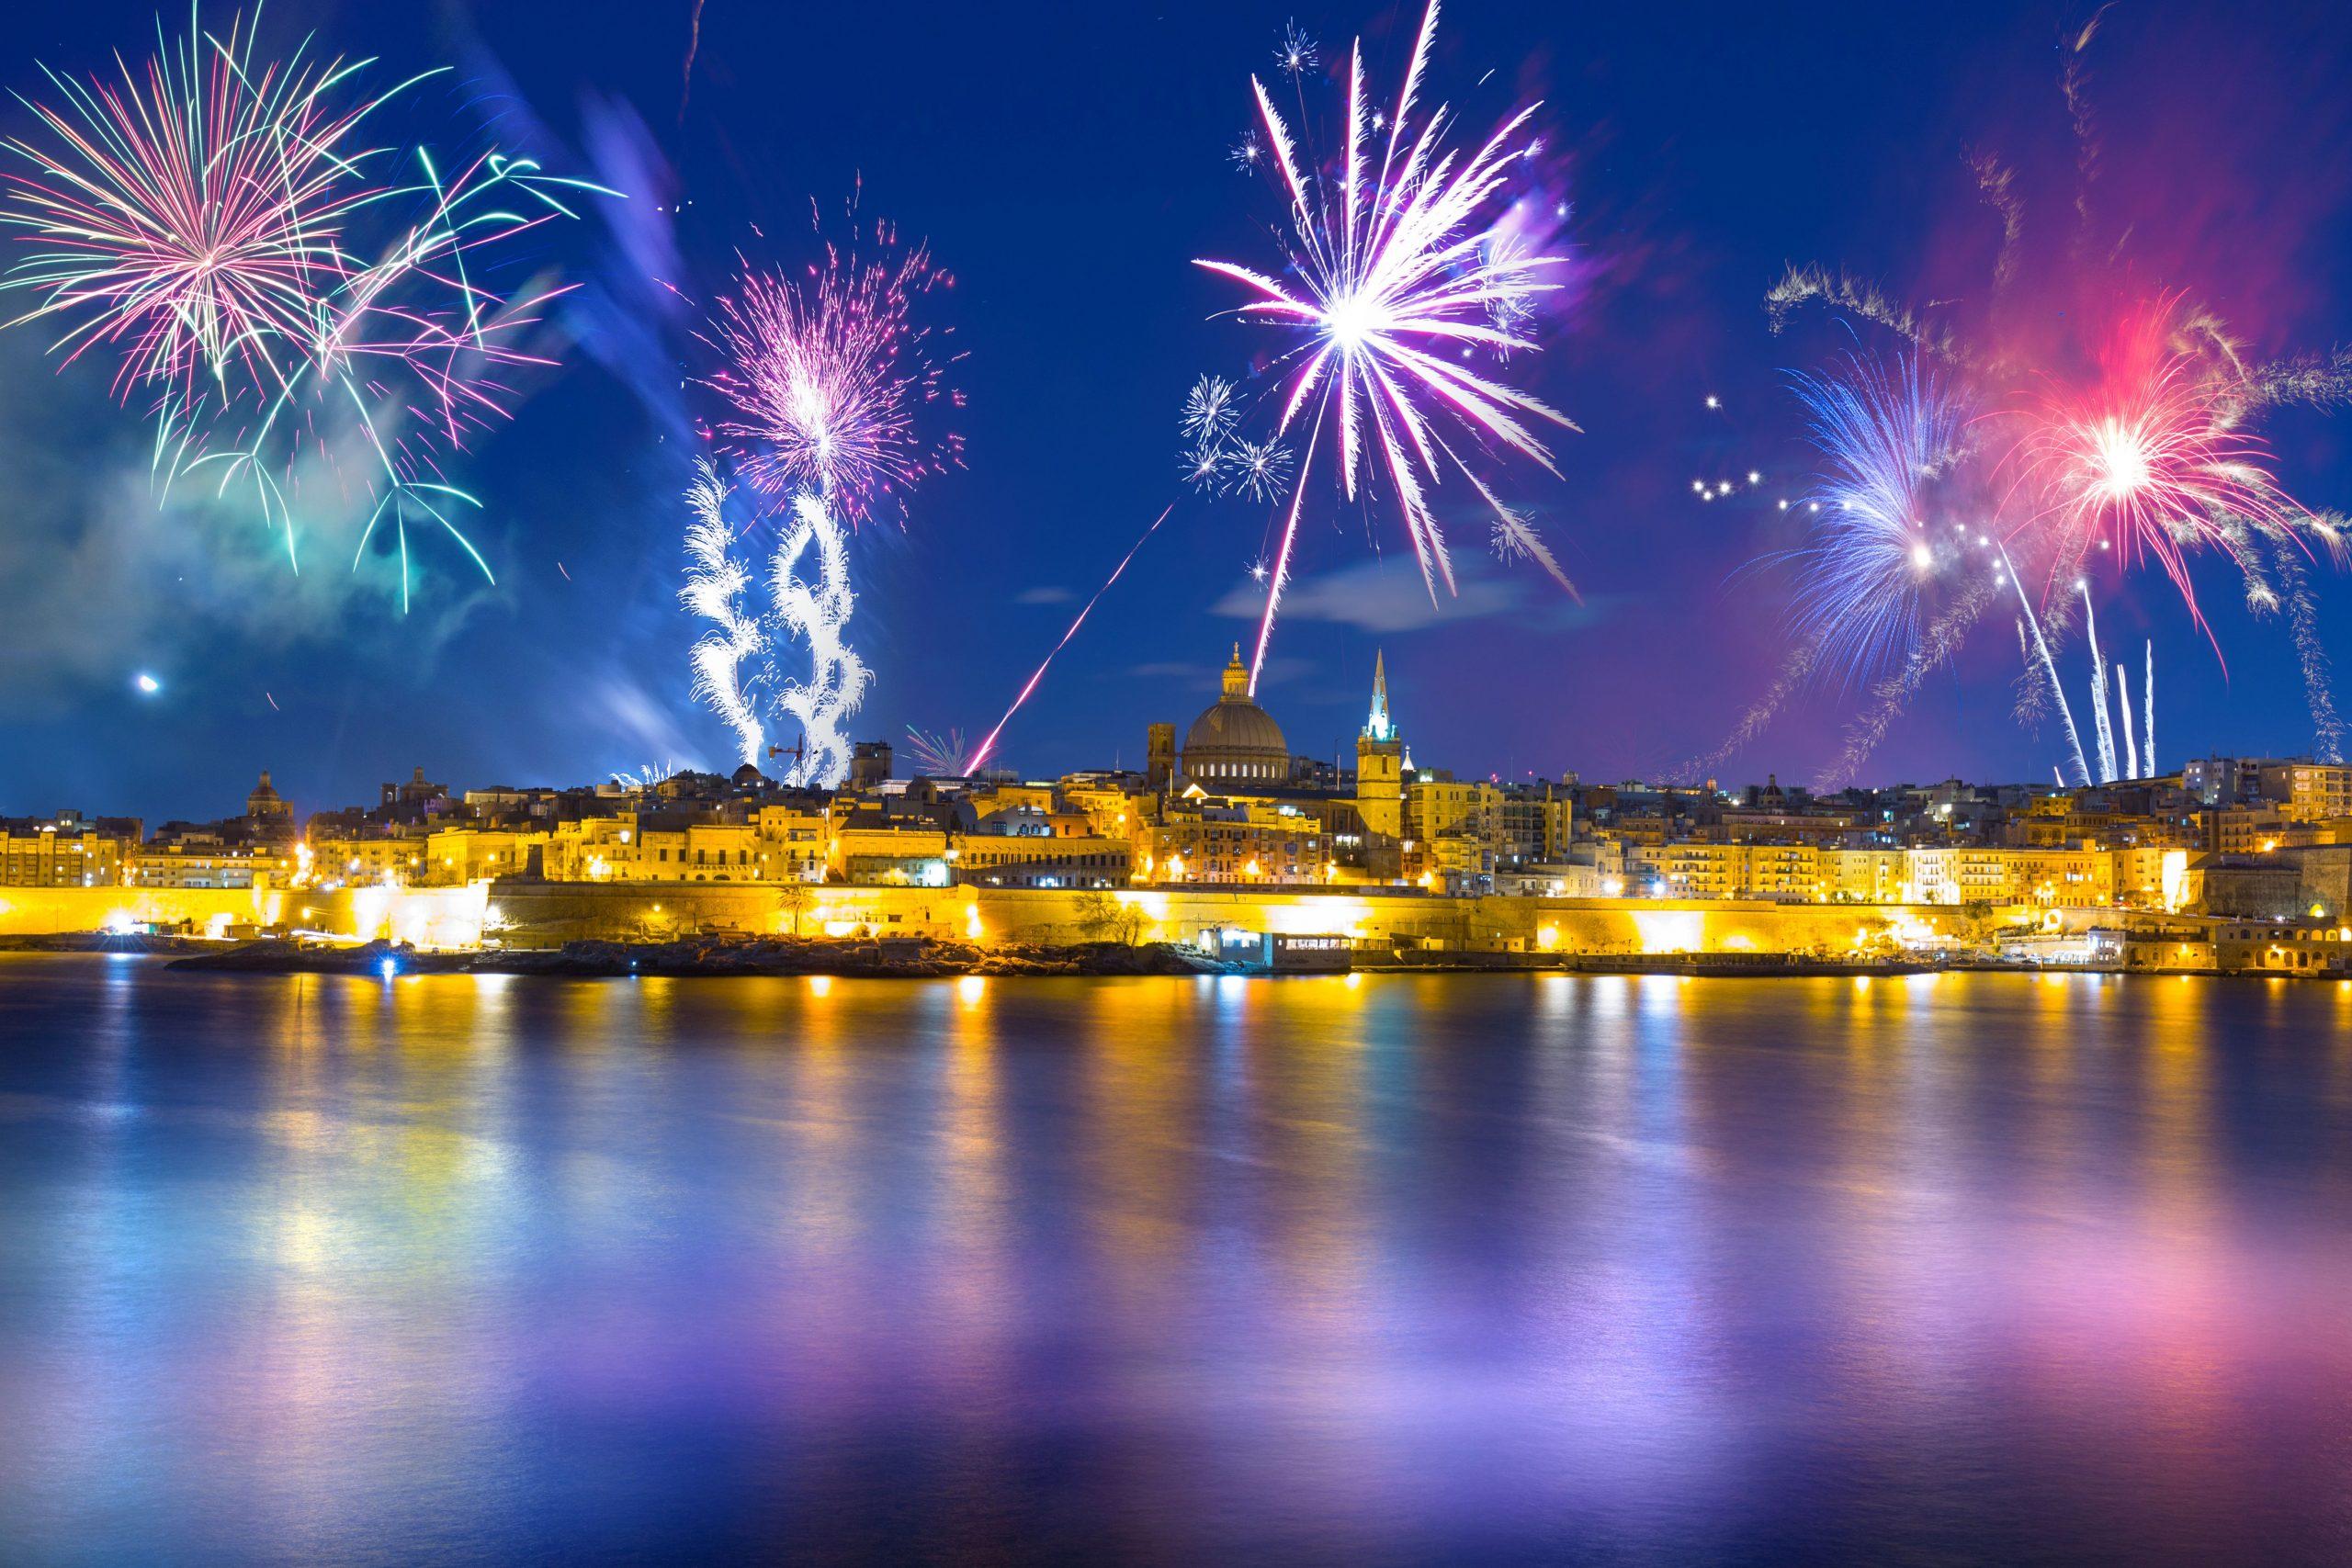 HOTEL DOLMEN 4*, SOBA STANDARD, NOČITEV Z ZAJTRKOM, Novoletna Malta 6 dni - čarter iz Ljubljane